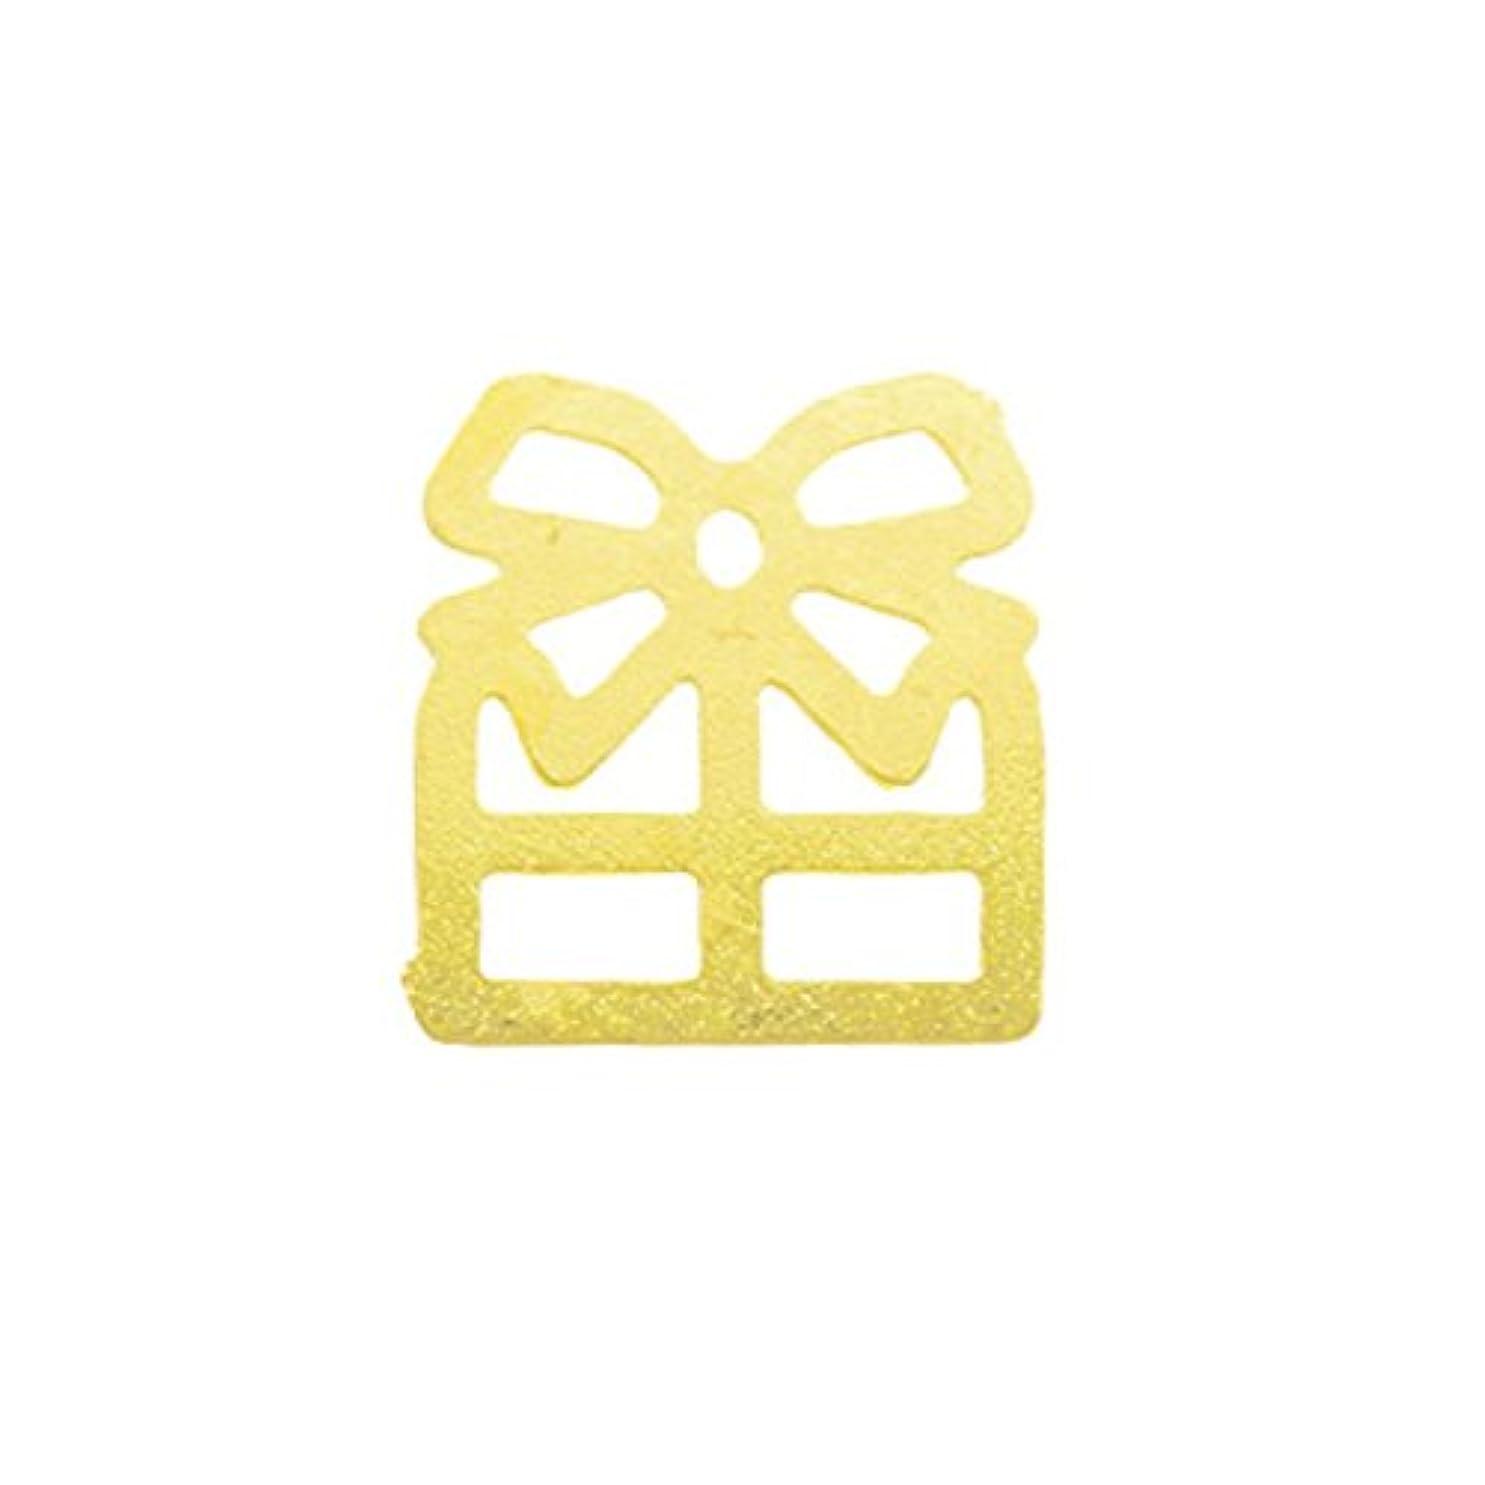 ビュッフェにんじん同一のメタルプレート(ネイルストーン デコ) プレゼント ゴールド (30個入り)(ネイル用品)